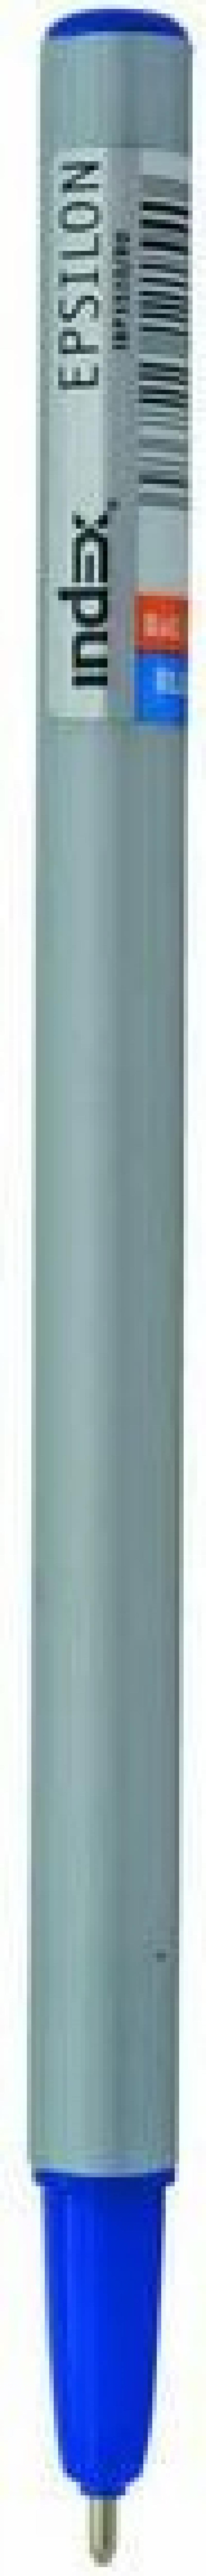 Шариковая ручка Index Epsilon синий 1 мм IBP3510/BU IBP3510/BU шариковая ручка index epsilon черный 1 мм ibp3510 bk